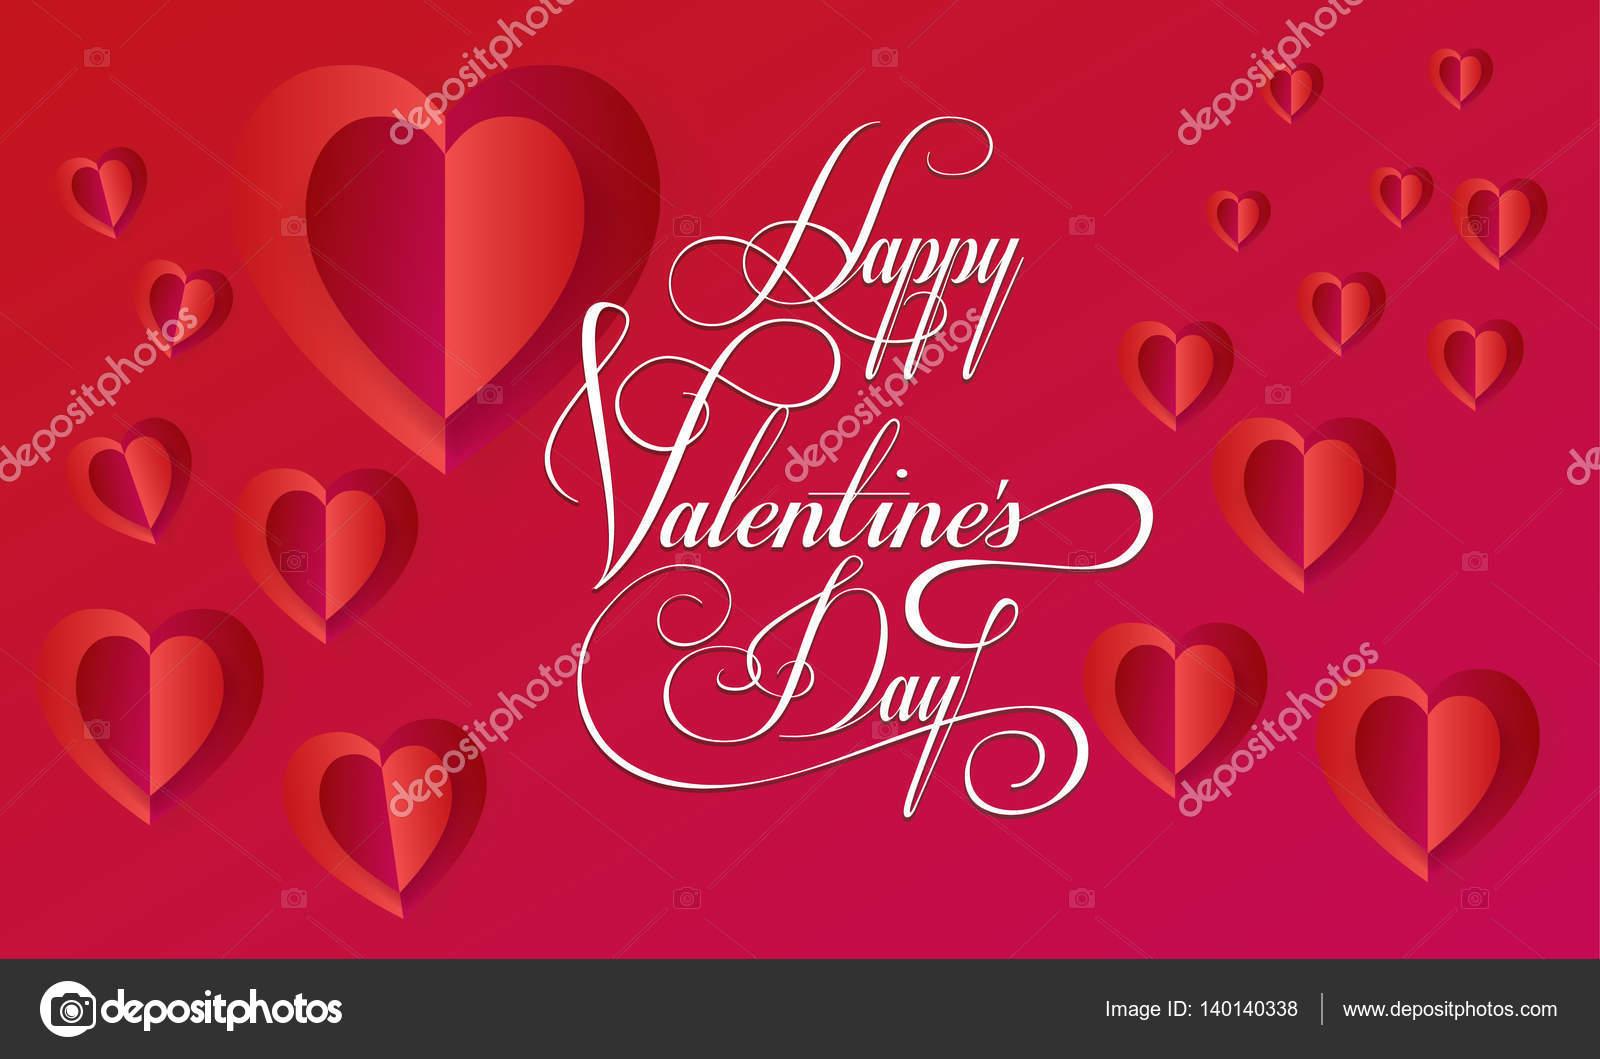 gratulationskort e kort Glad Alla hjärtans dag gratulationskort layout. Vector mall  gratulationskort e kort